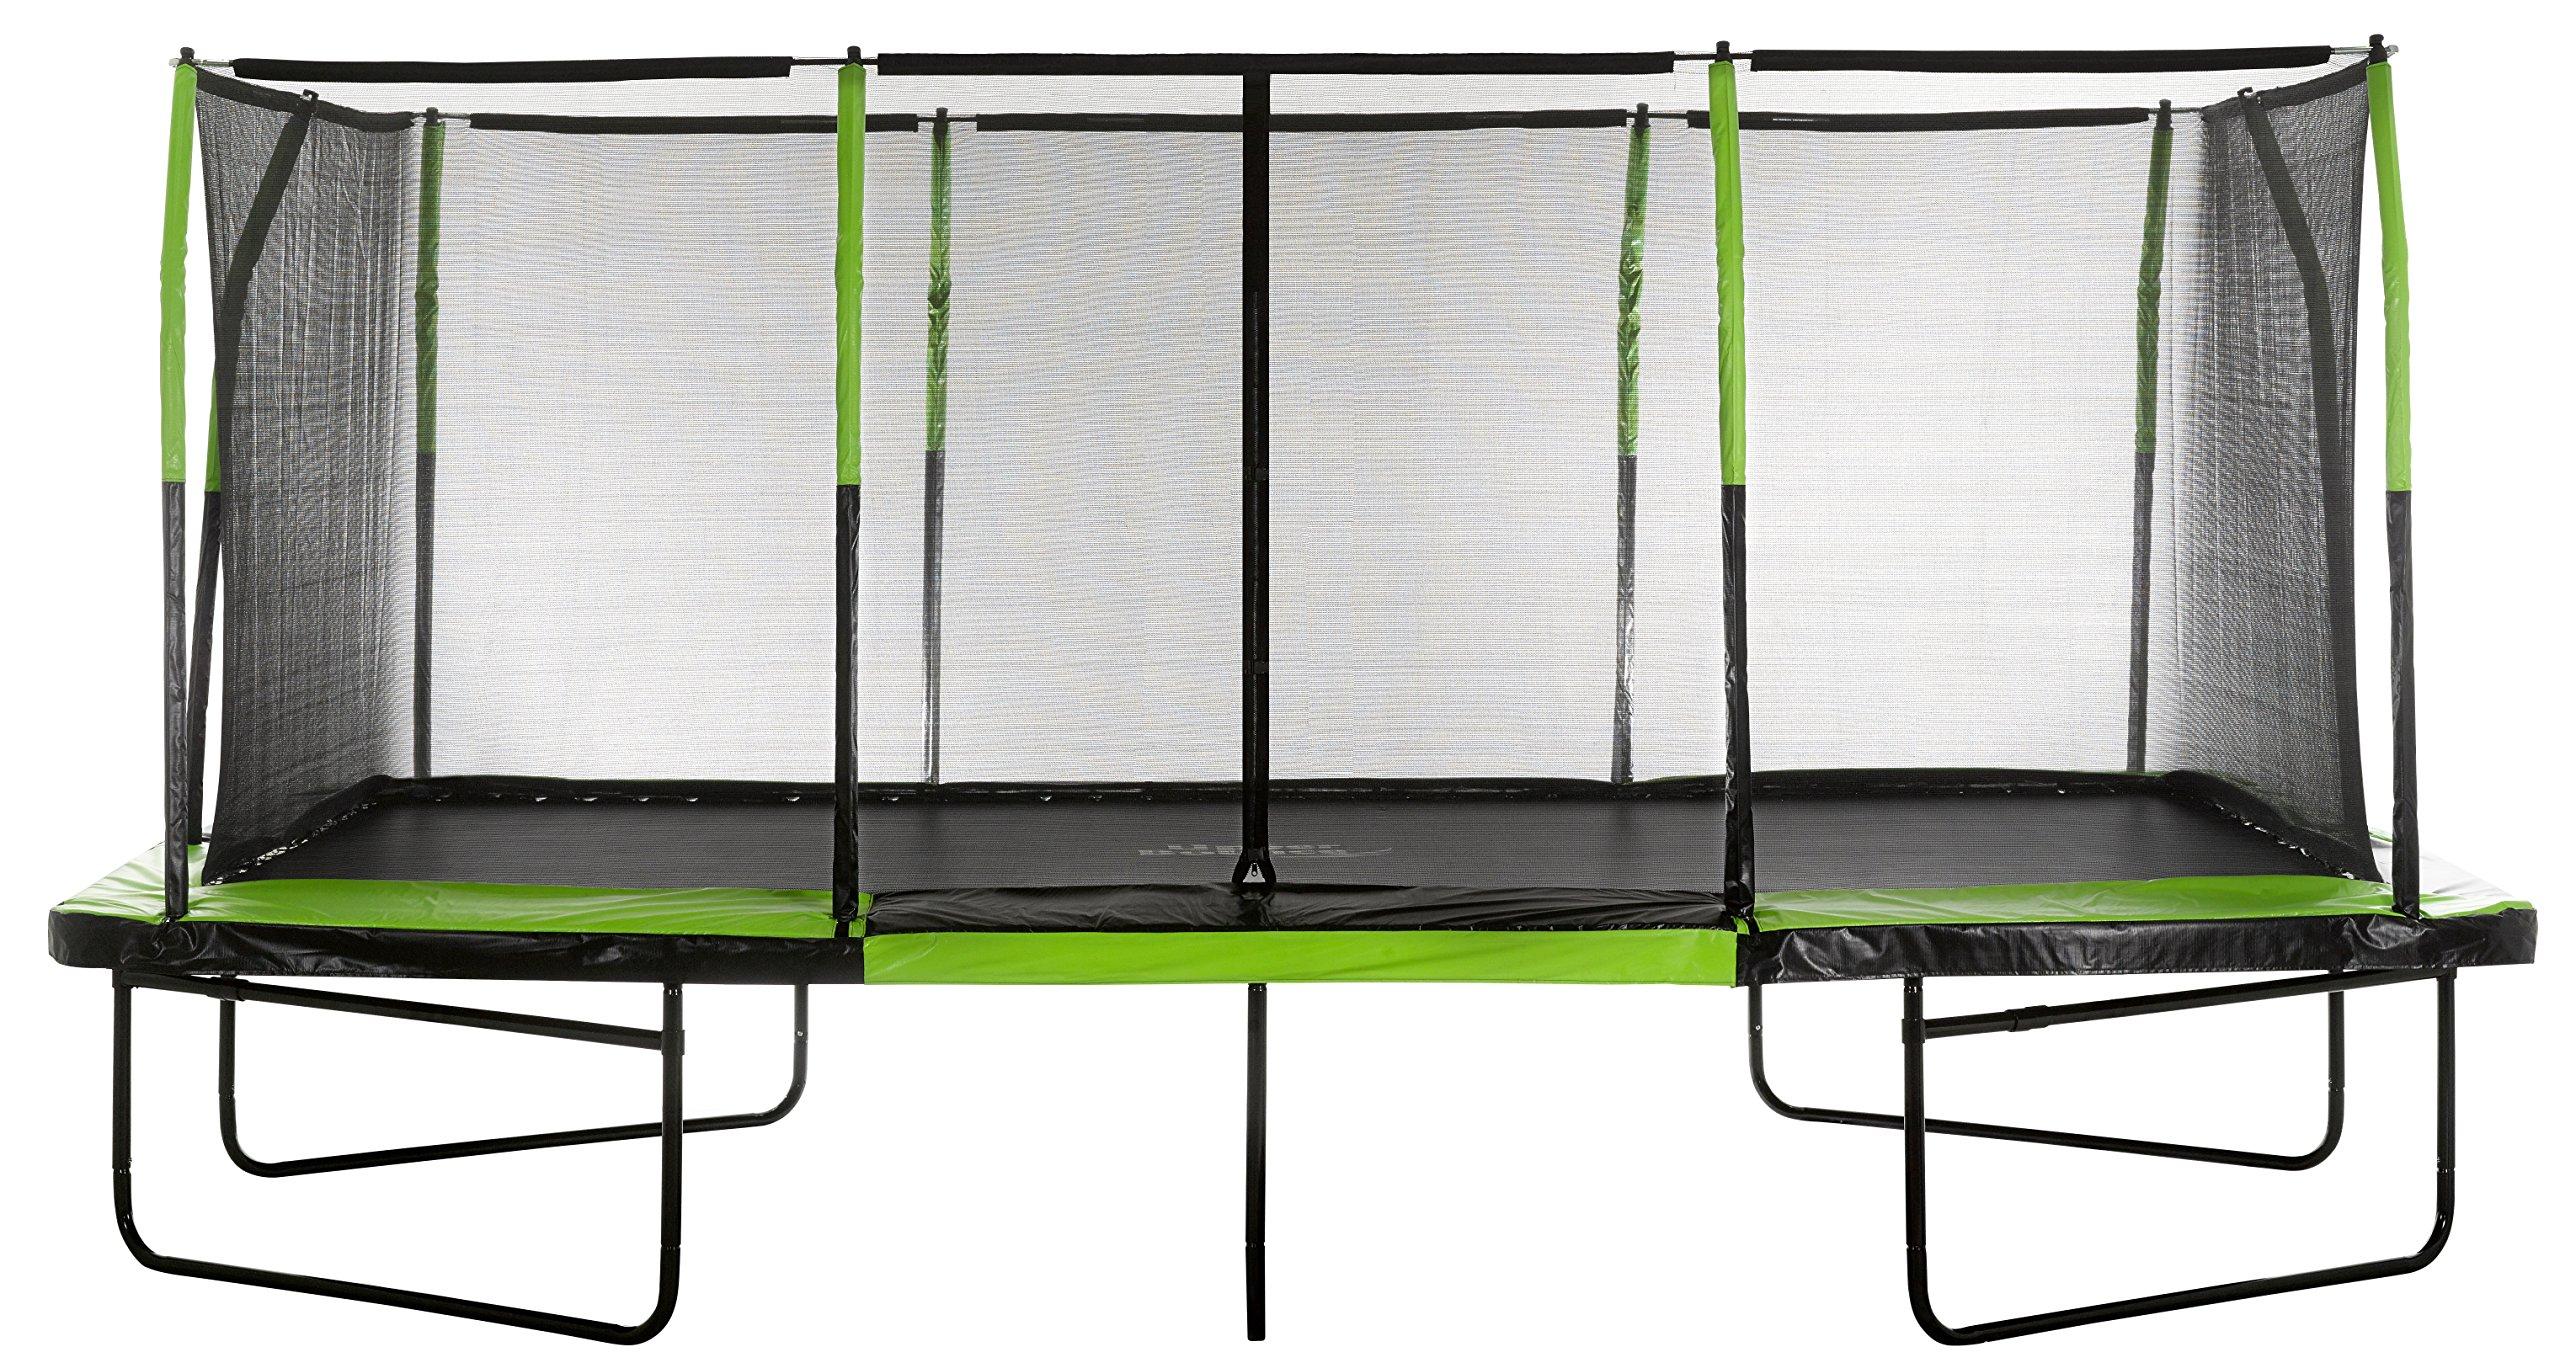 Upper Bounce UBRTG01-1017 - Mega Trampoline 10' x 17' - Fiber Flex Enclosure System - Easy Assemble